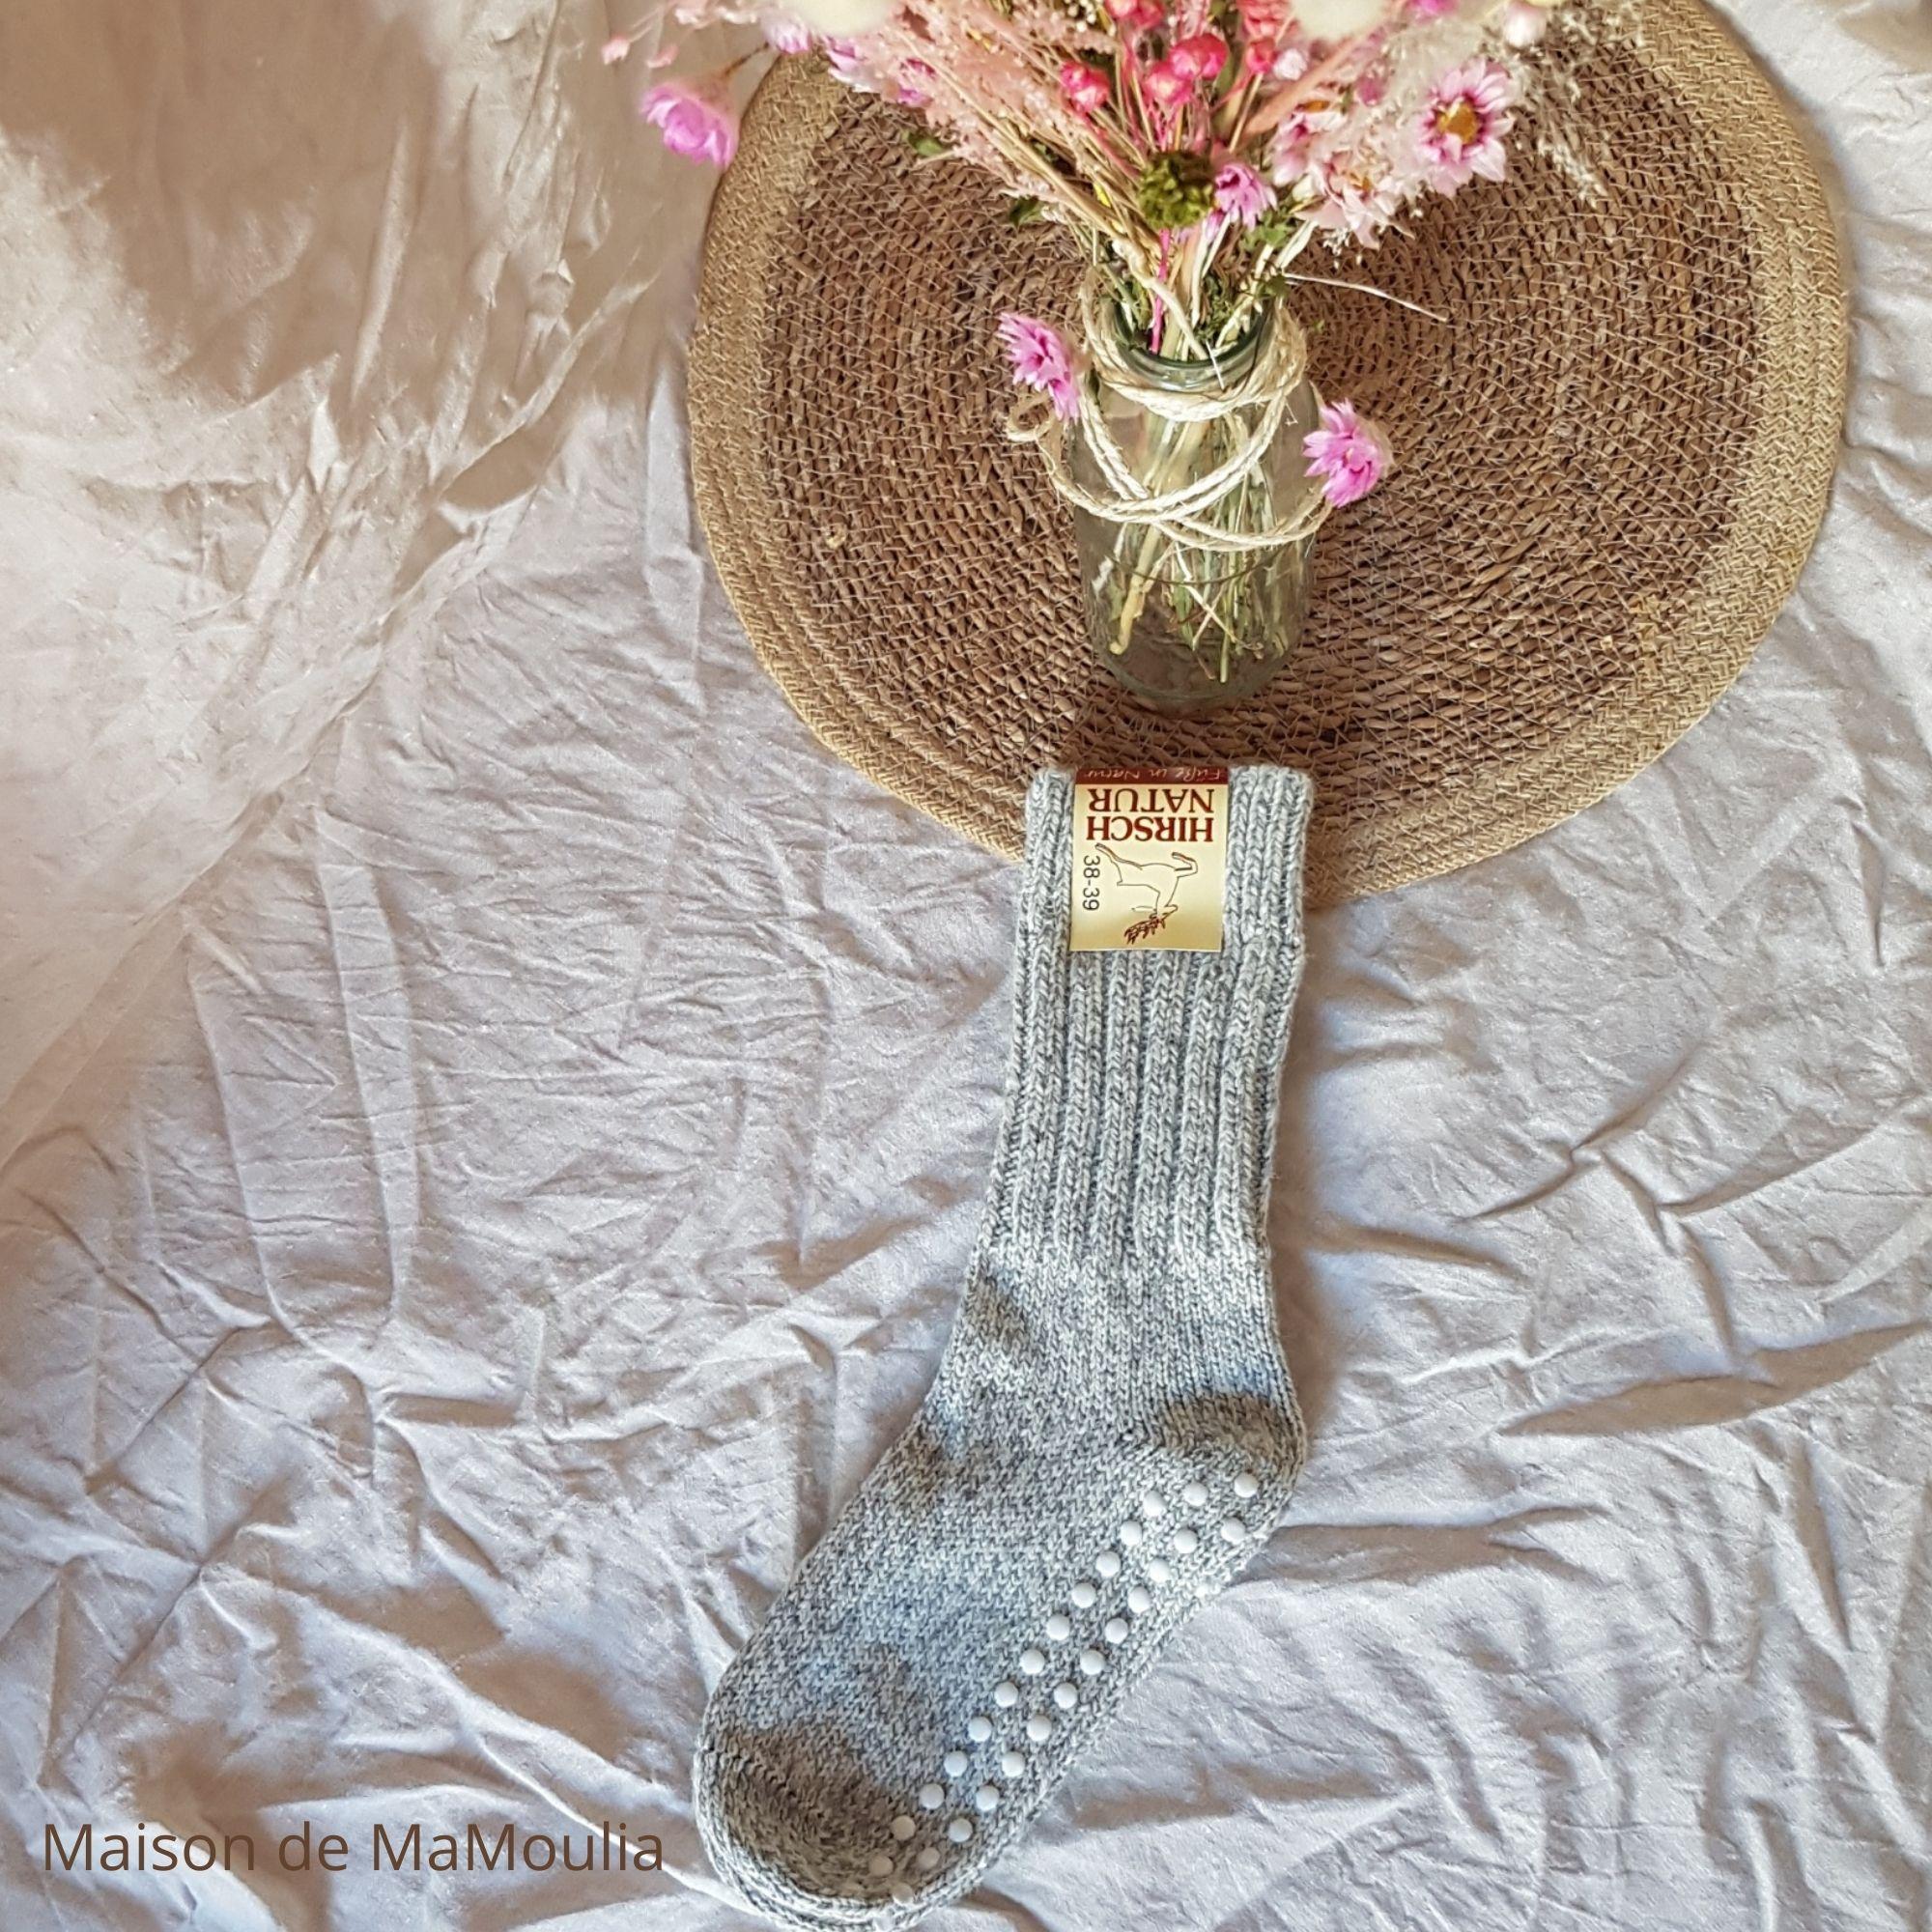 HIRSCH Natur - Chaussettes Antidérapantes Épaisses - pour adulte - 100% laine vierge bio